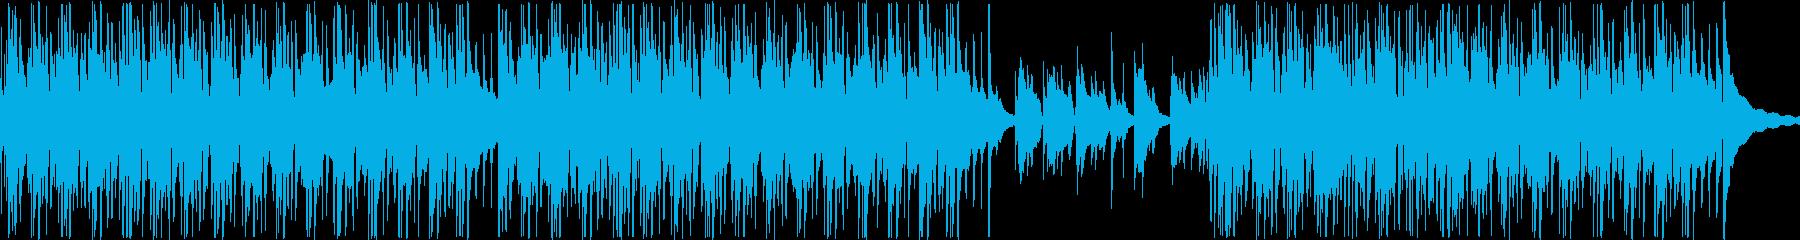 ウクレレと自然なアコースティックサウンドの再生済みの波形